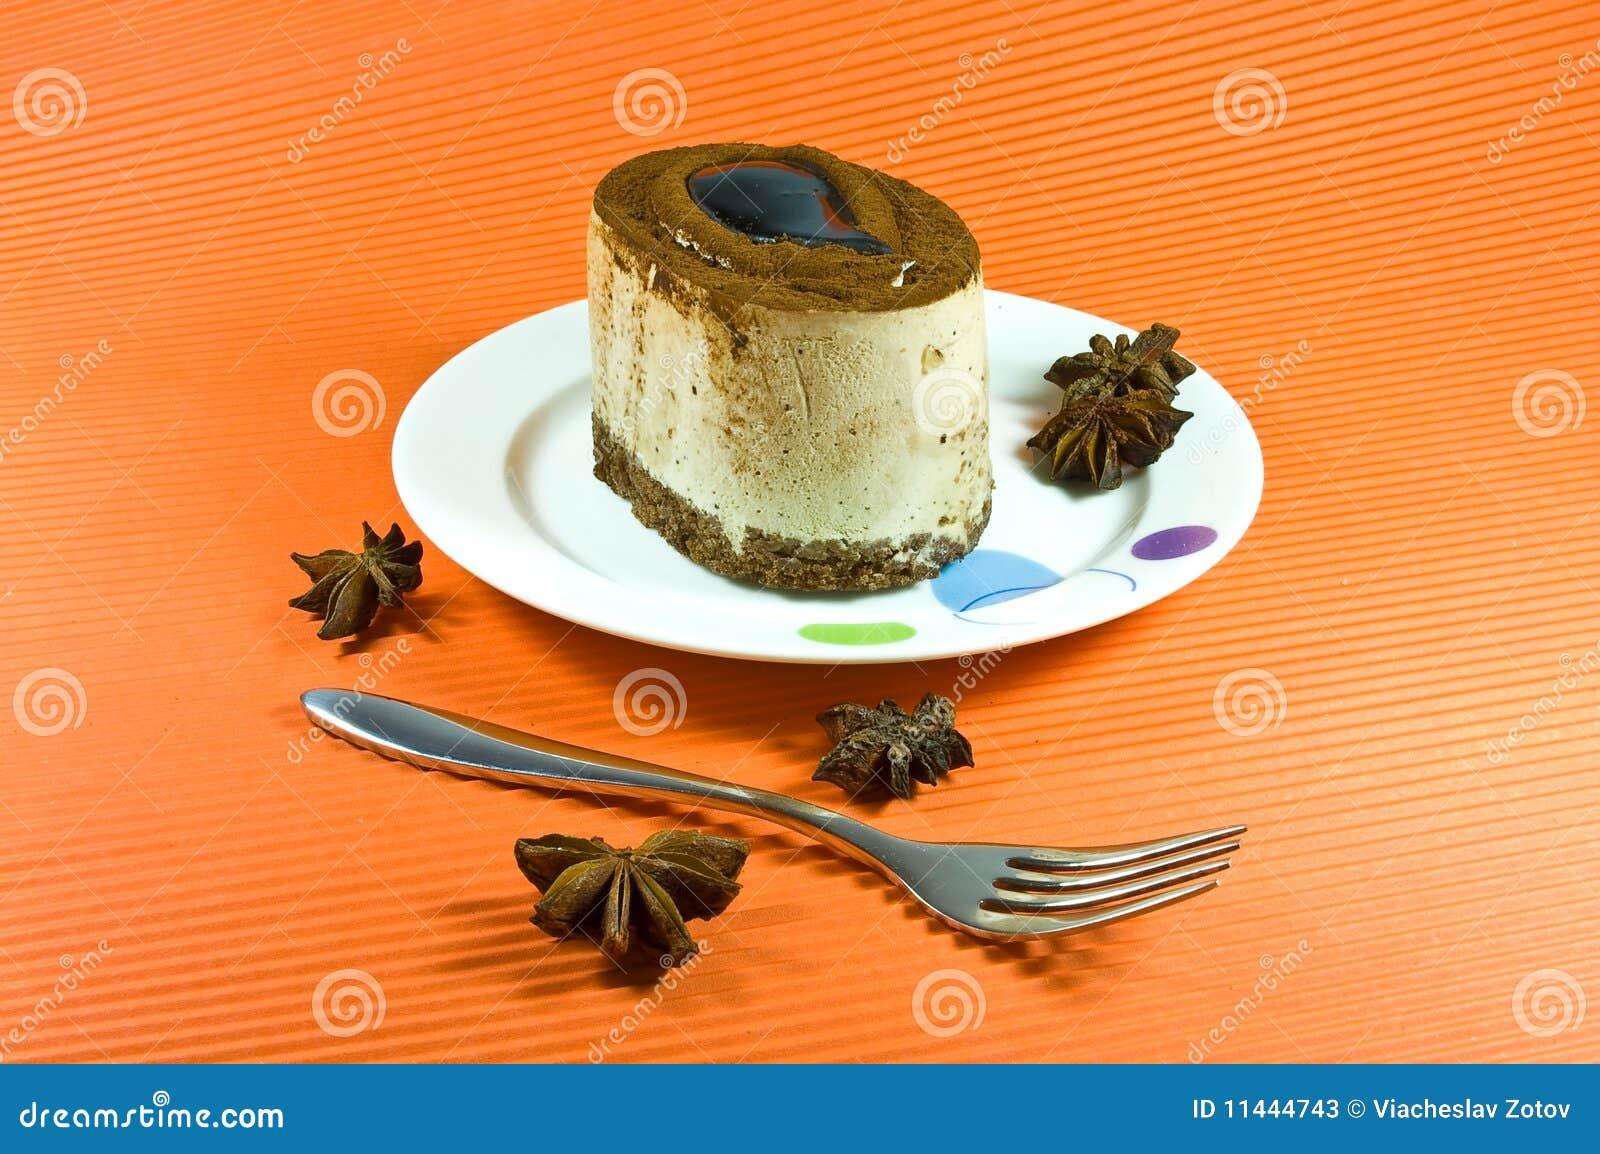 Dark Chocolate Orange Layer Cake